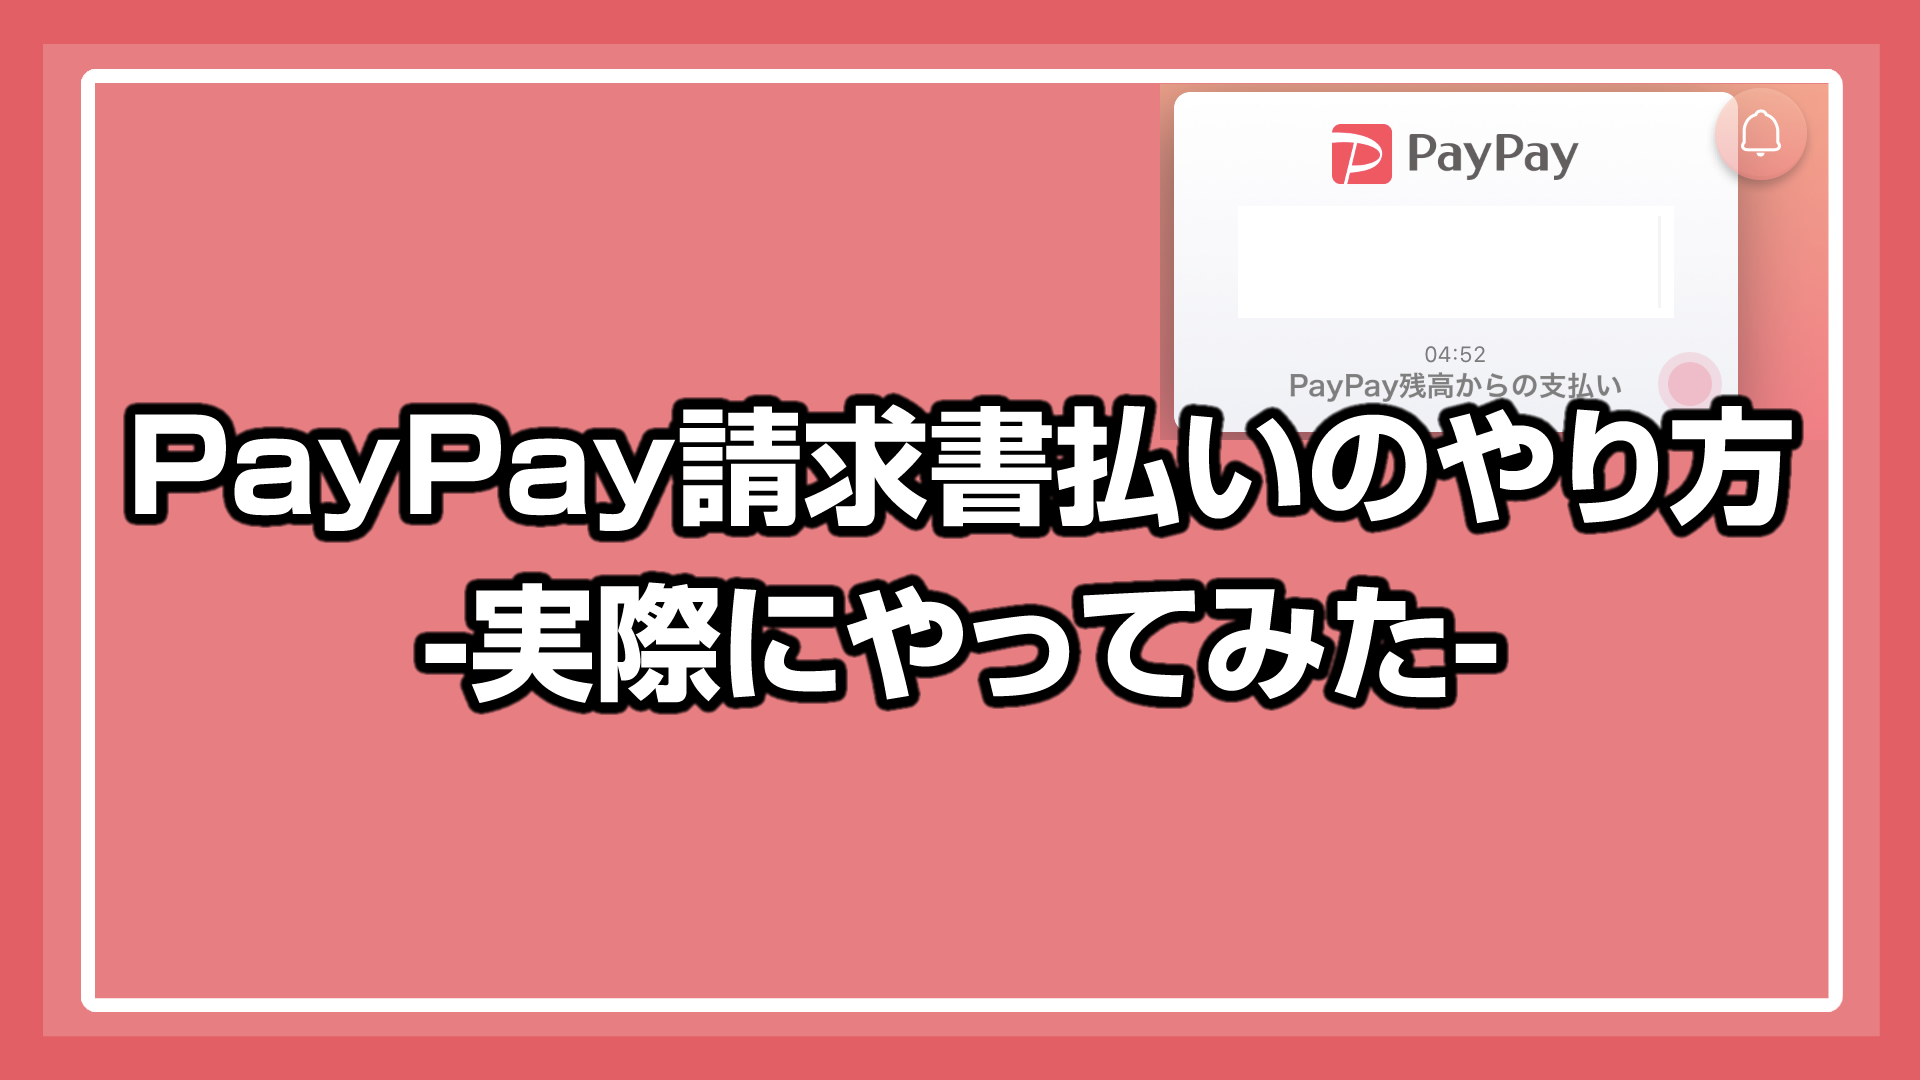 手数料なし♪PayPay請求書払いのやり方-実際にやってみた-